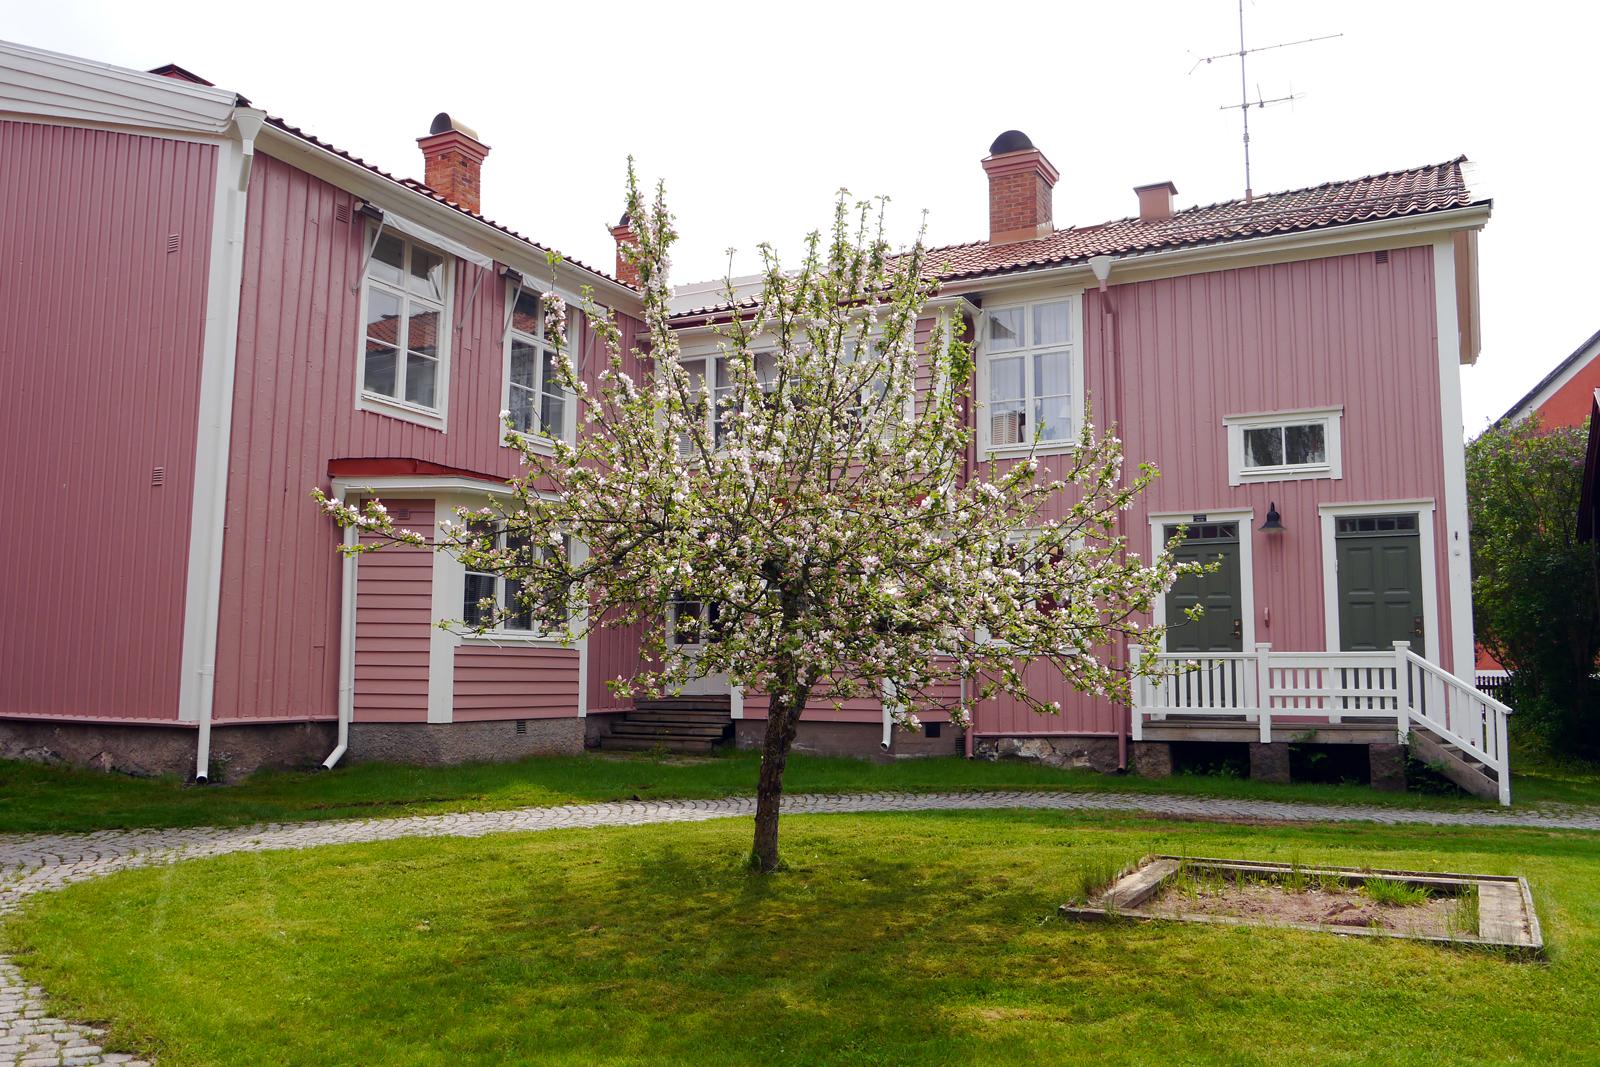 Eksjö-Smaland-Schweden-Gamla Stan-Altstadt-4